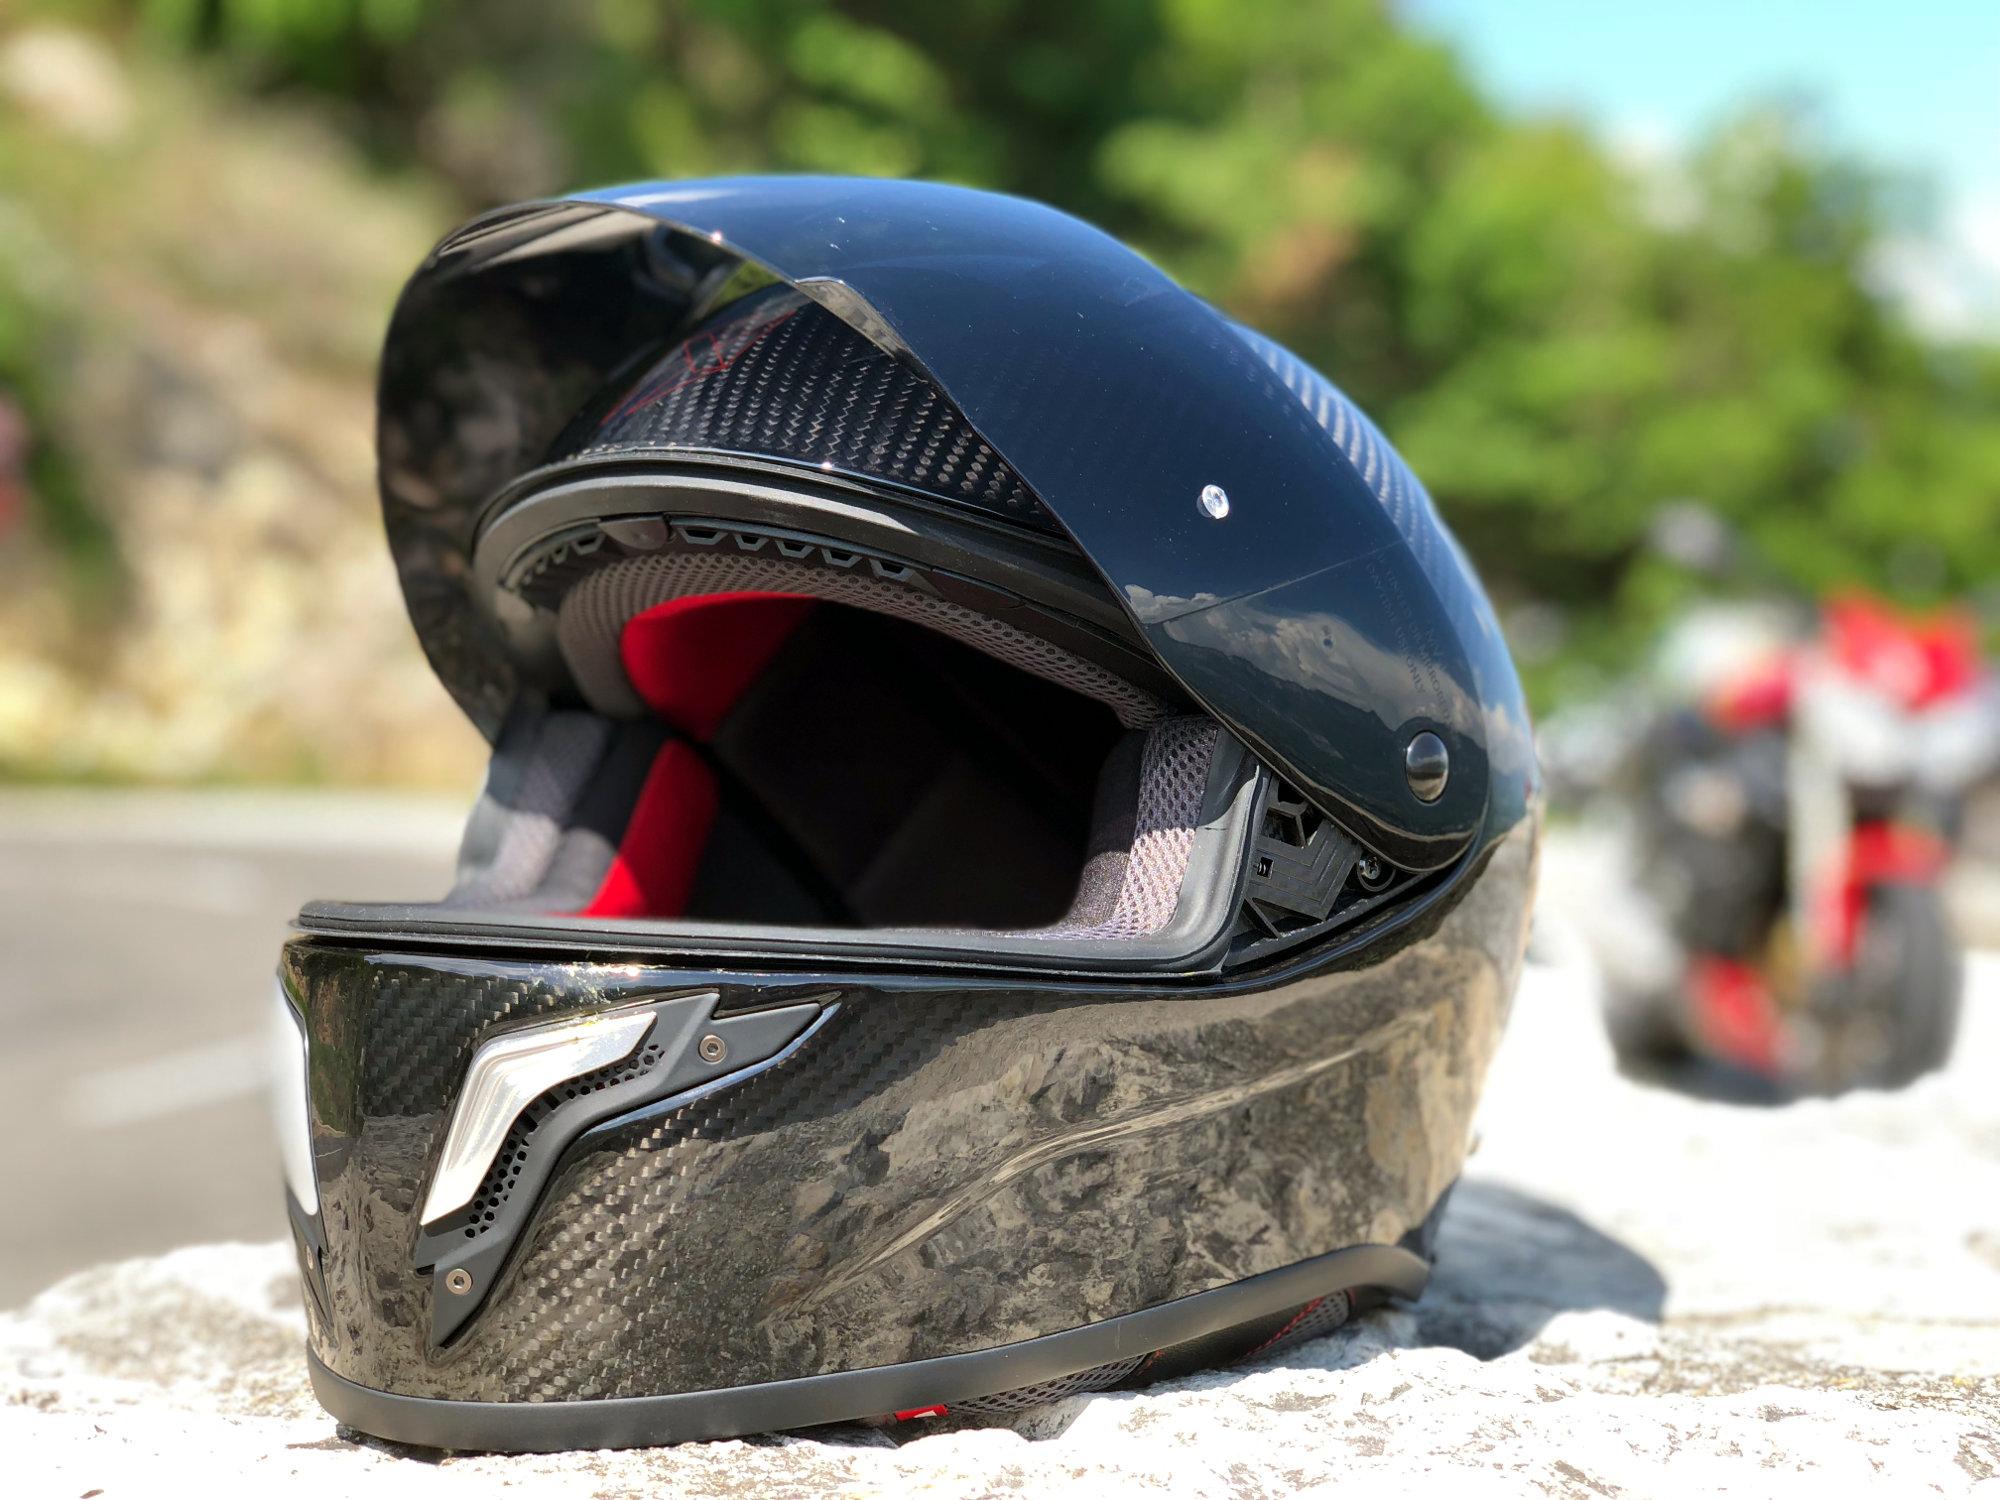 Pantalla ahumada incluida con el casco